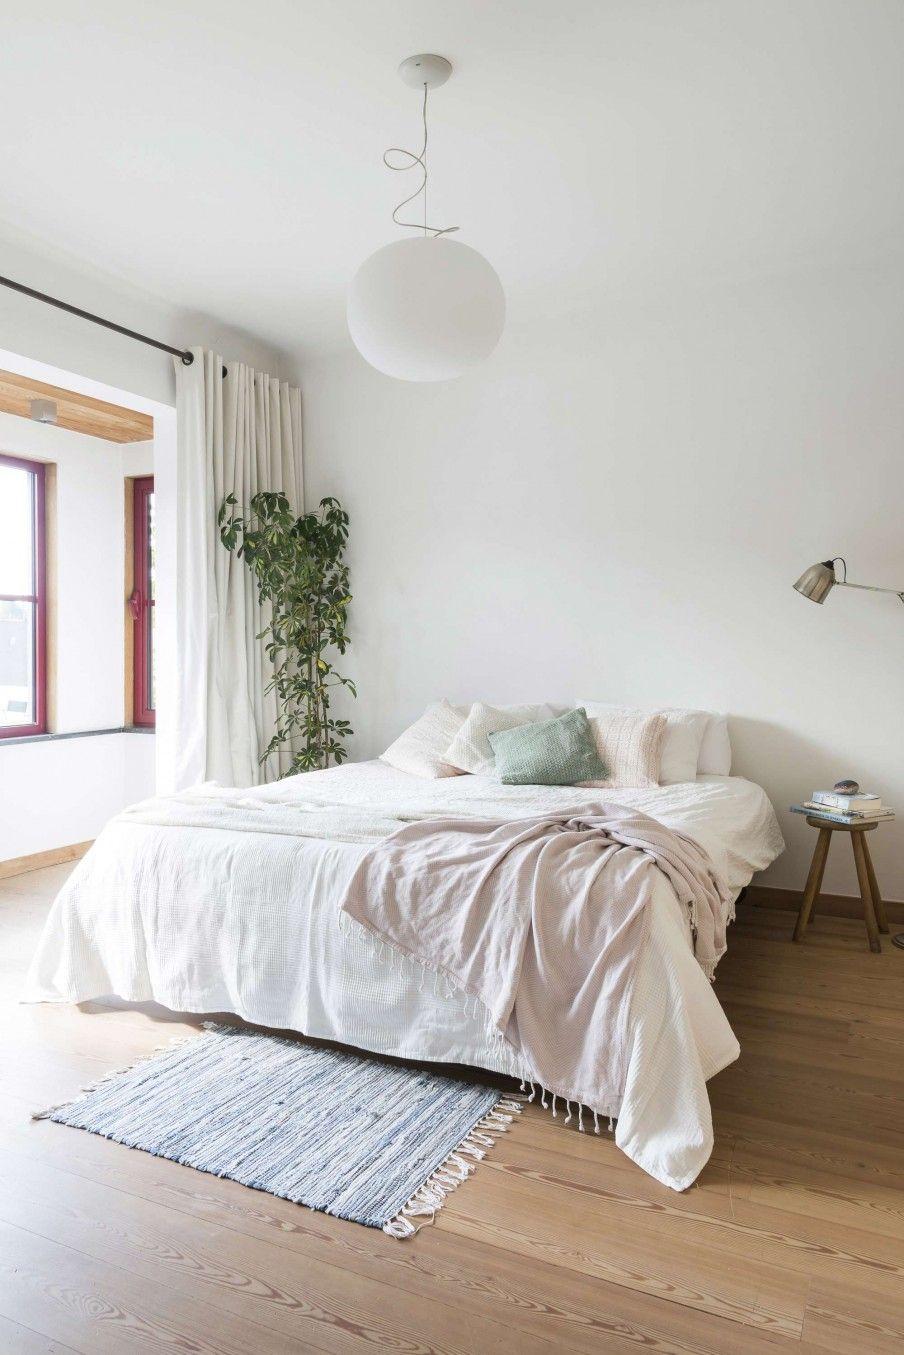 Slaapkamer met houten vloer   Bedroom with wooden floor   vtwonen ...